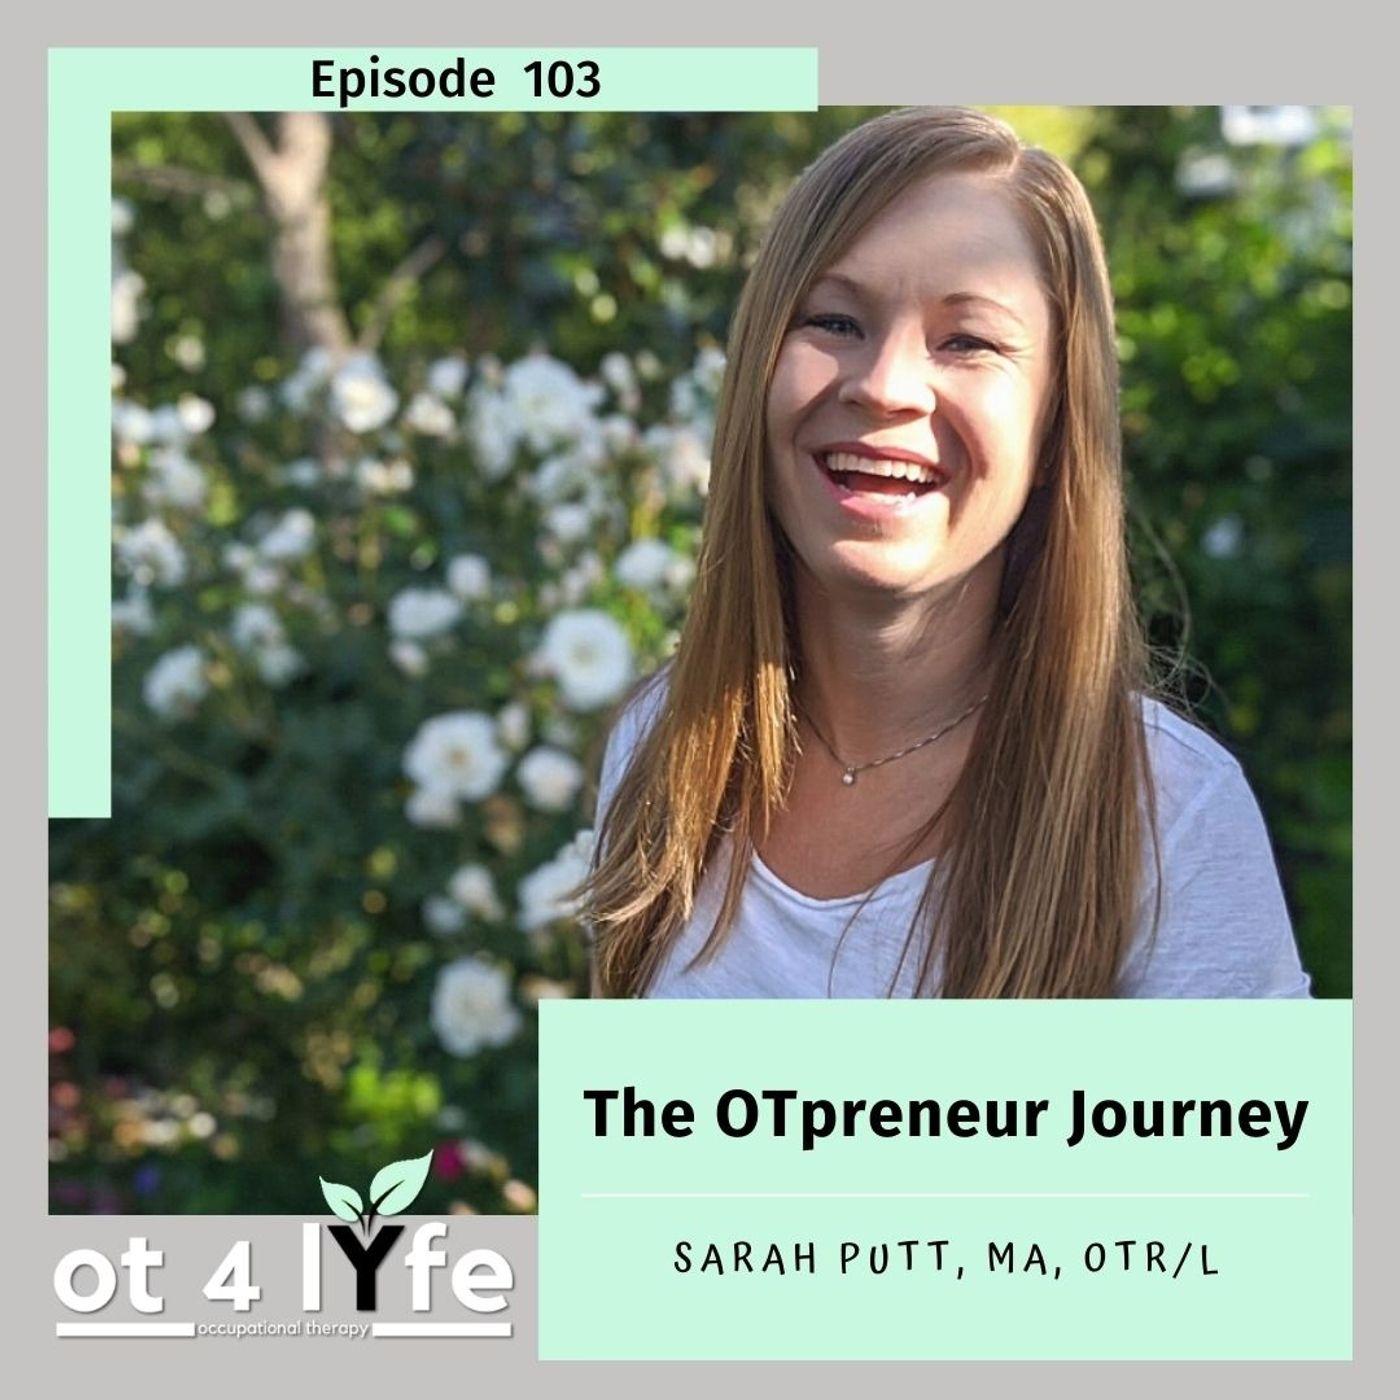 The OTpreneur Journey